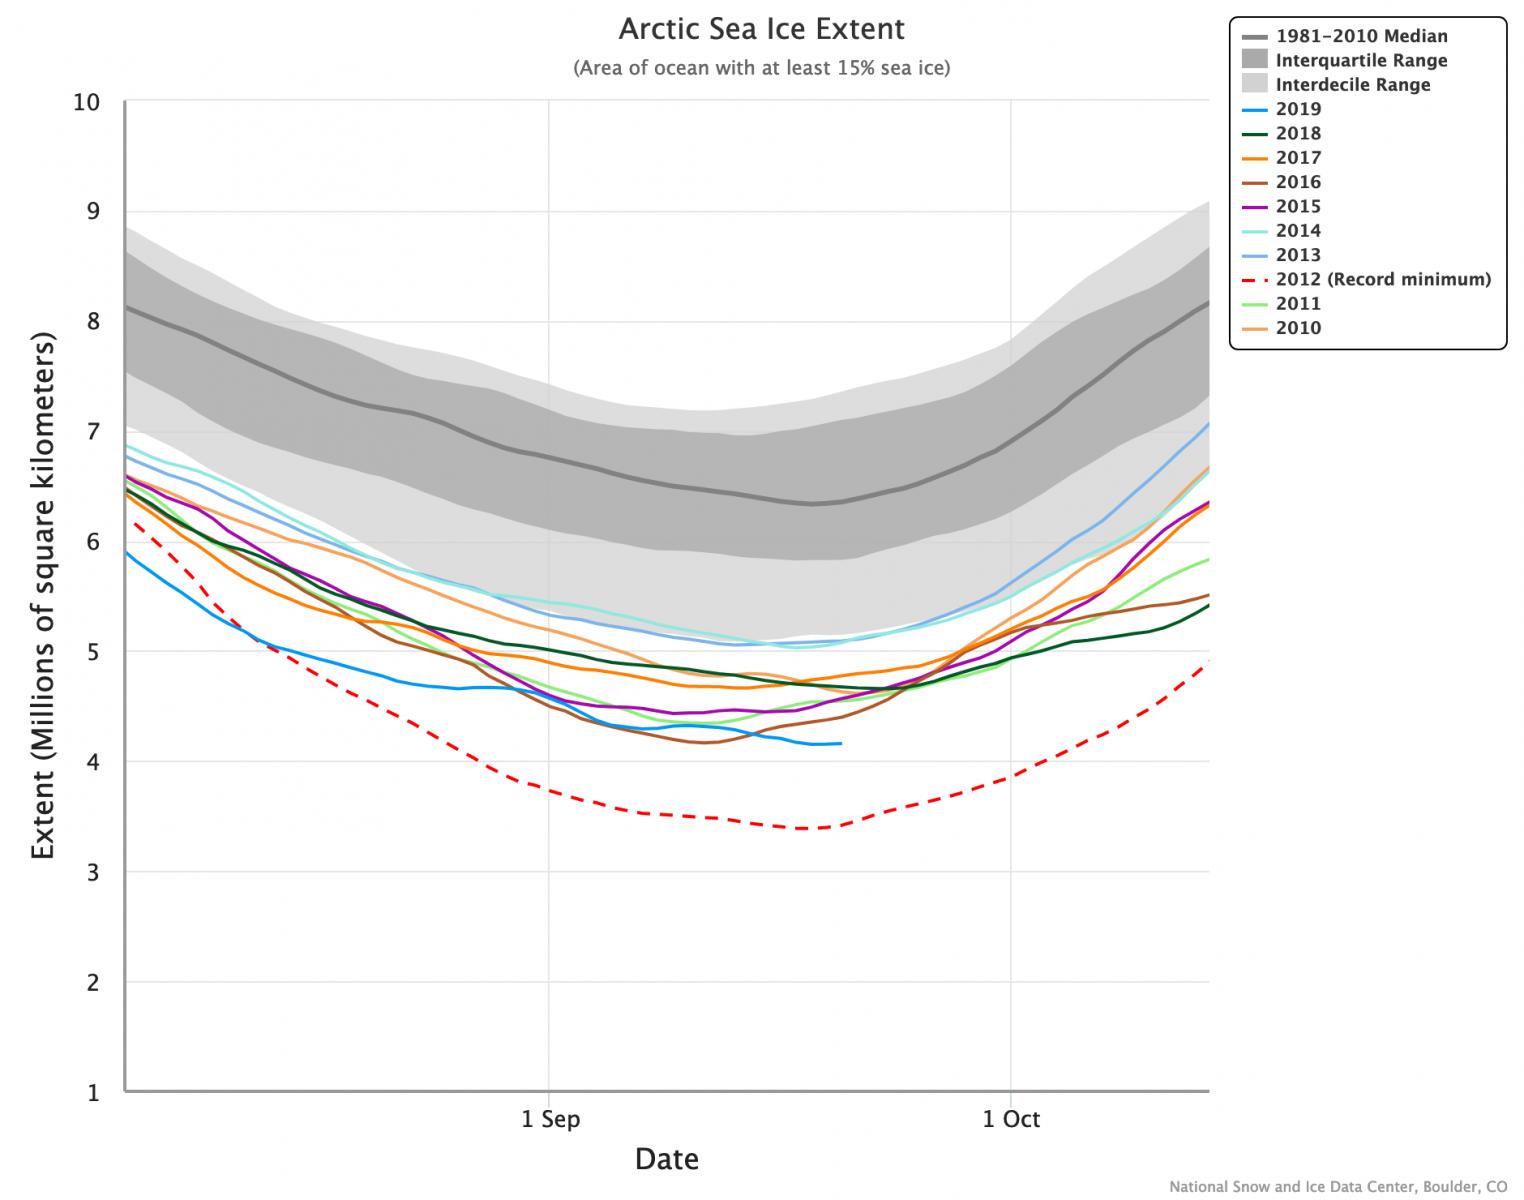 Image d'illustration pour Banquise Arctique : fin de la fonte estivale, 2e étendue la plus faible